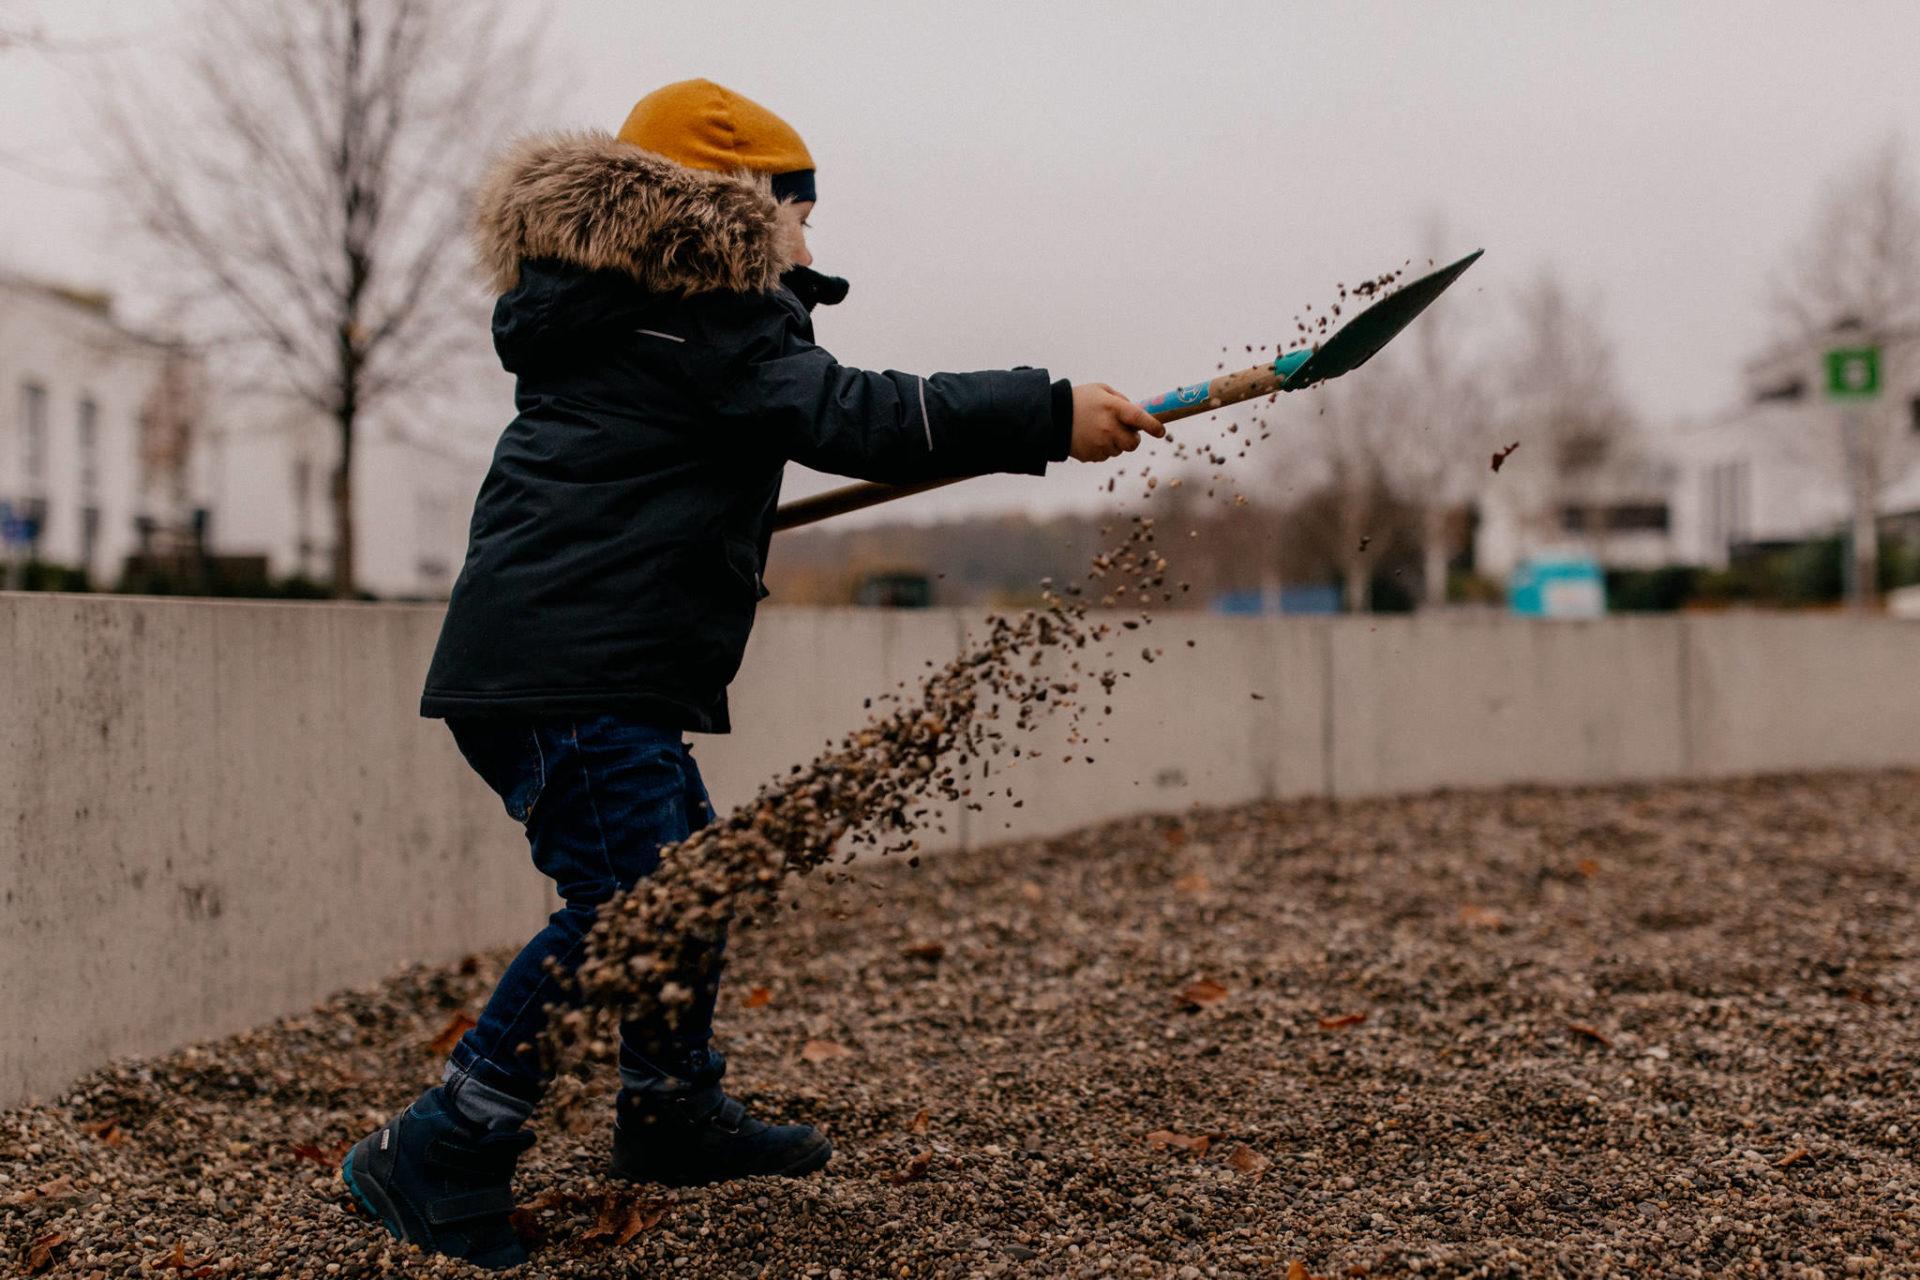 familienfotografie-mainz-journalistische-kinderbilder-familienspaziergang-spielen-sandkasten-schaufel